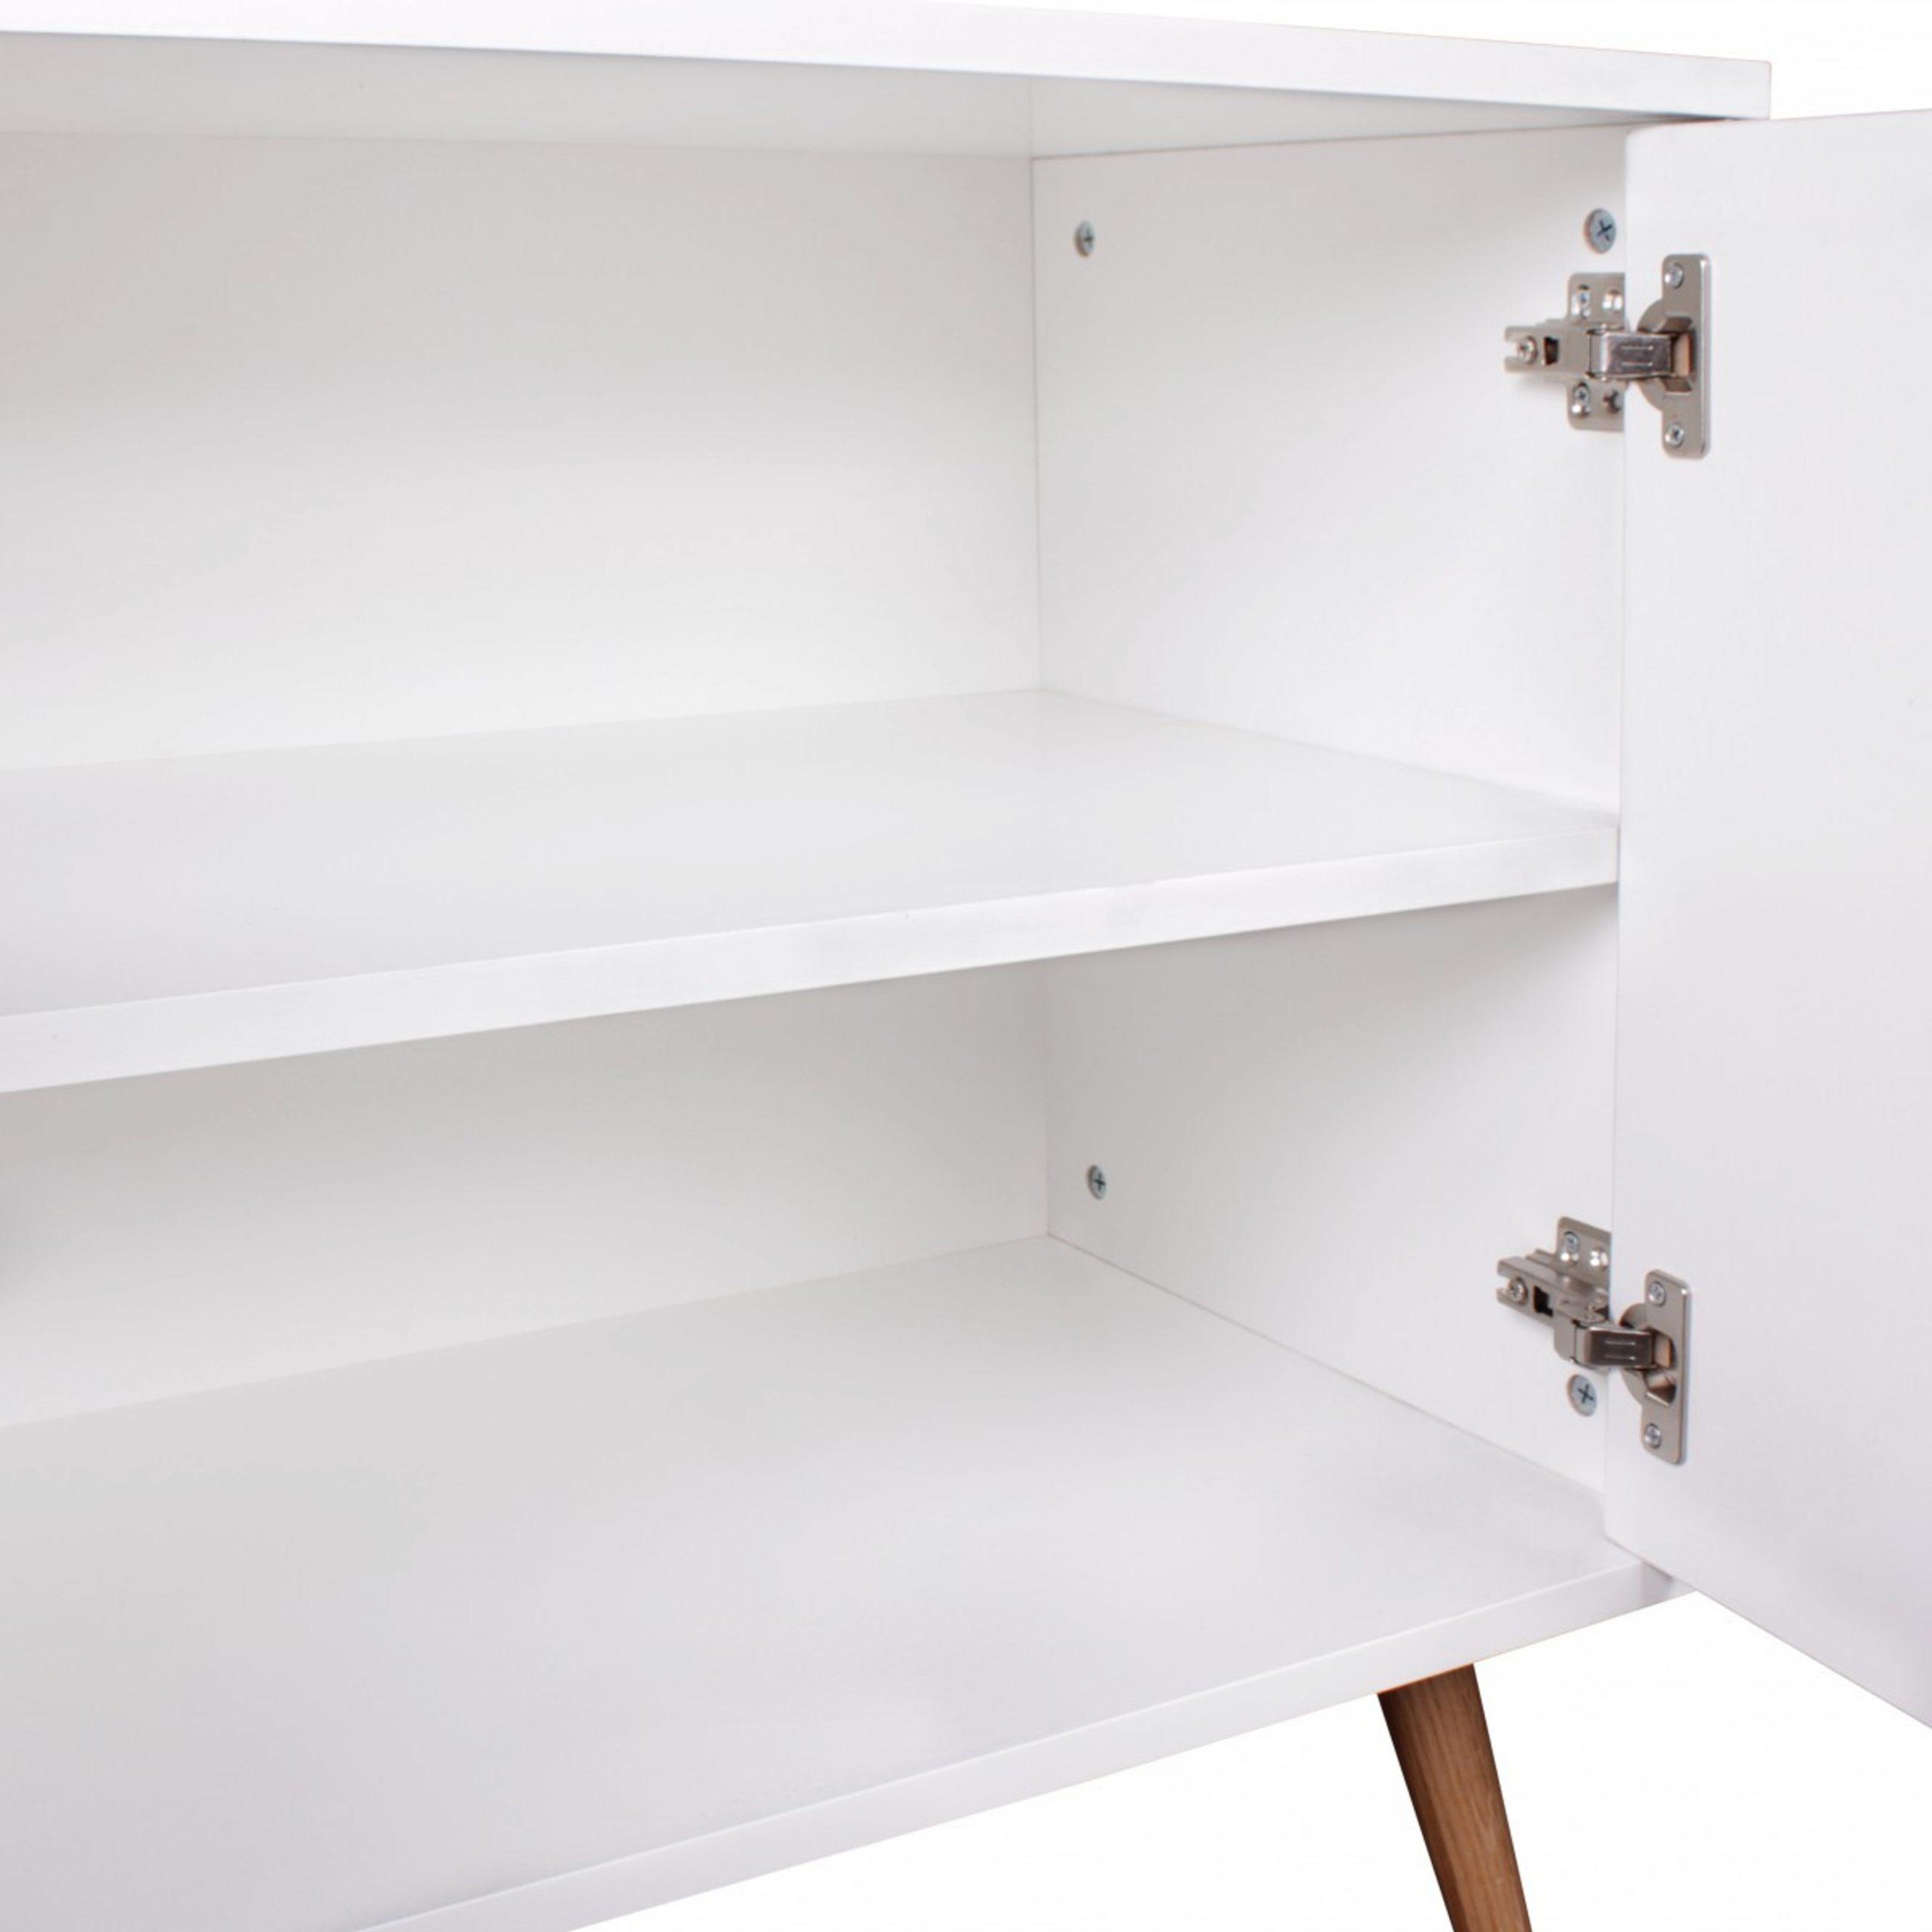 Full Size of Sideboard 80x70x40 Cm Scanio Kommode Mit 2 Tren Weißes Regal Esstisch Oval Weiß Eckschrank Schlafzimmer Komplettes Deckenleuchte Modern Schranksysteme Bad Schlafzimmer Schlafzimmer Kommode Weiß